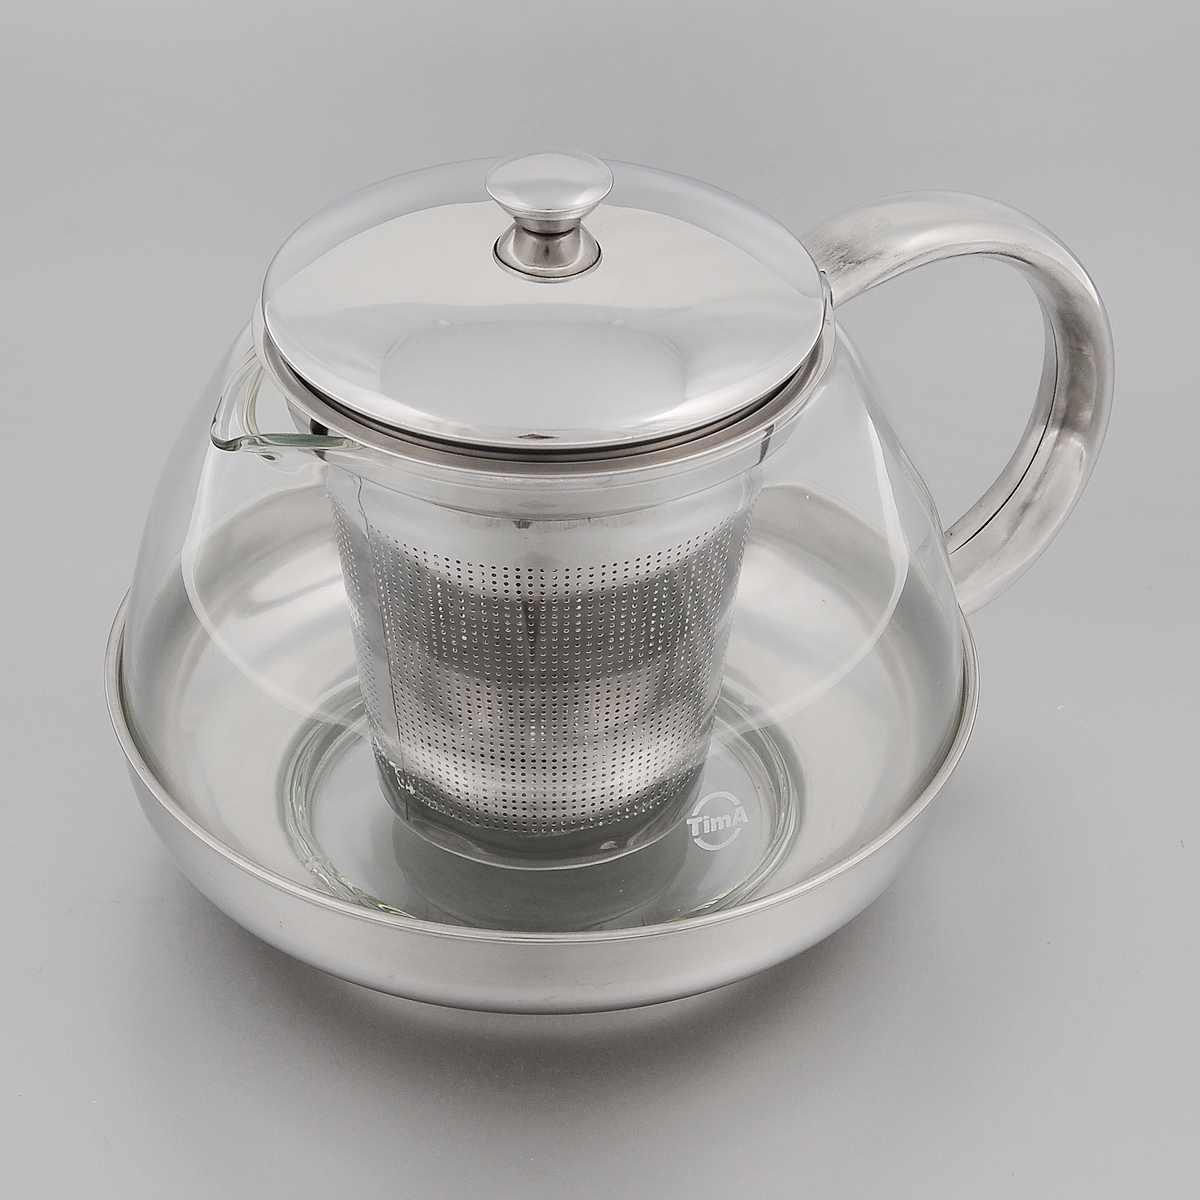 Чайник заварочный TimA Лотос, 1 л115510Заварочный чайник TimA Лотос изготовлен из термостойкого боросиликатного стекла - прочного износостойкого материала. Чайник оснащен фильтром, крышкой, основанием и ручкой из нержавеющей стали.Простой и удобный чайник поможет вам приготовить крепкий, ароматный чай. Дизайн изделия создает гипнотическую атмосферу через сочетание полупрозрачного цвета и хромированных элементов. Можно мыть в посудомоечной машине. Не использовать в микроволновой печи.Диаметр (по верхнему краю): 8,5 см.Высота (без учета крышки): 9,5 см.Высота фильтра: 8,7 см.